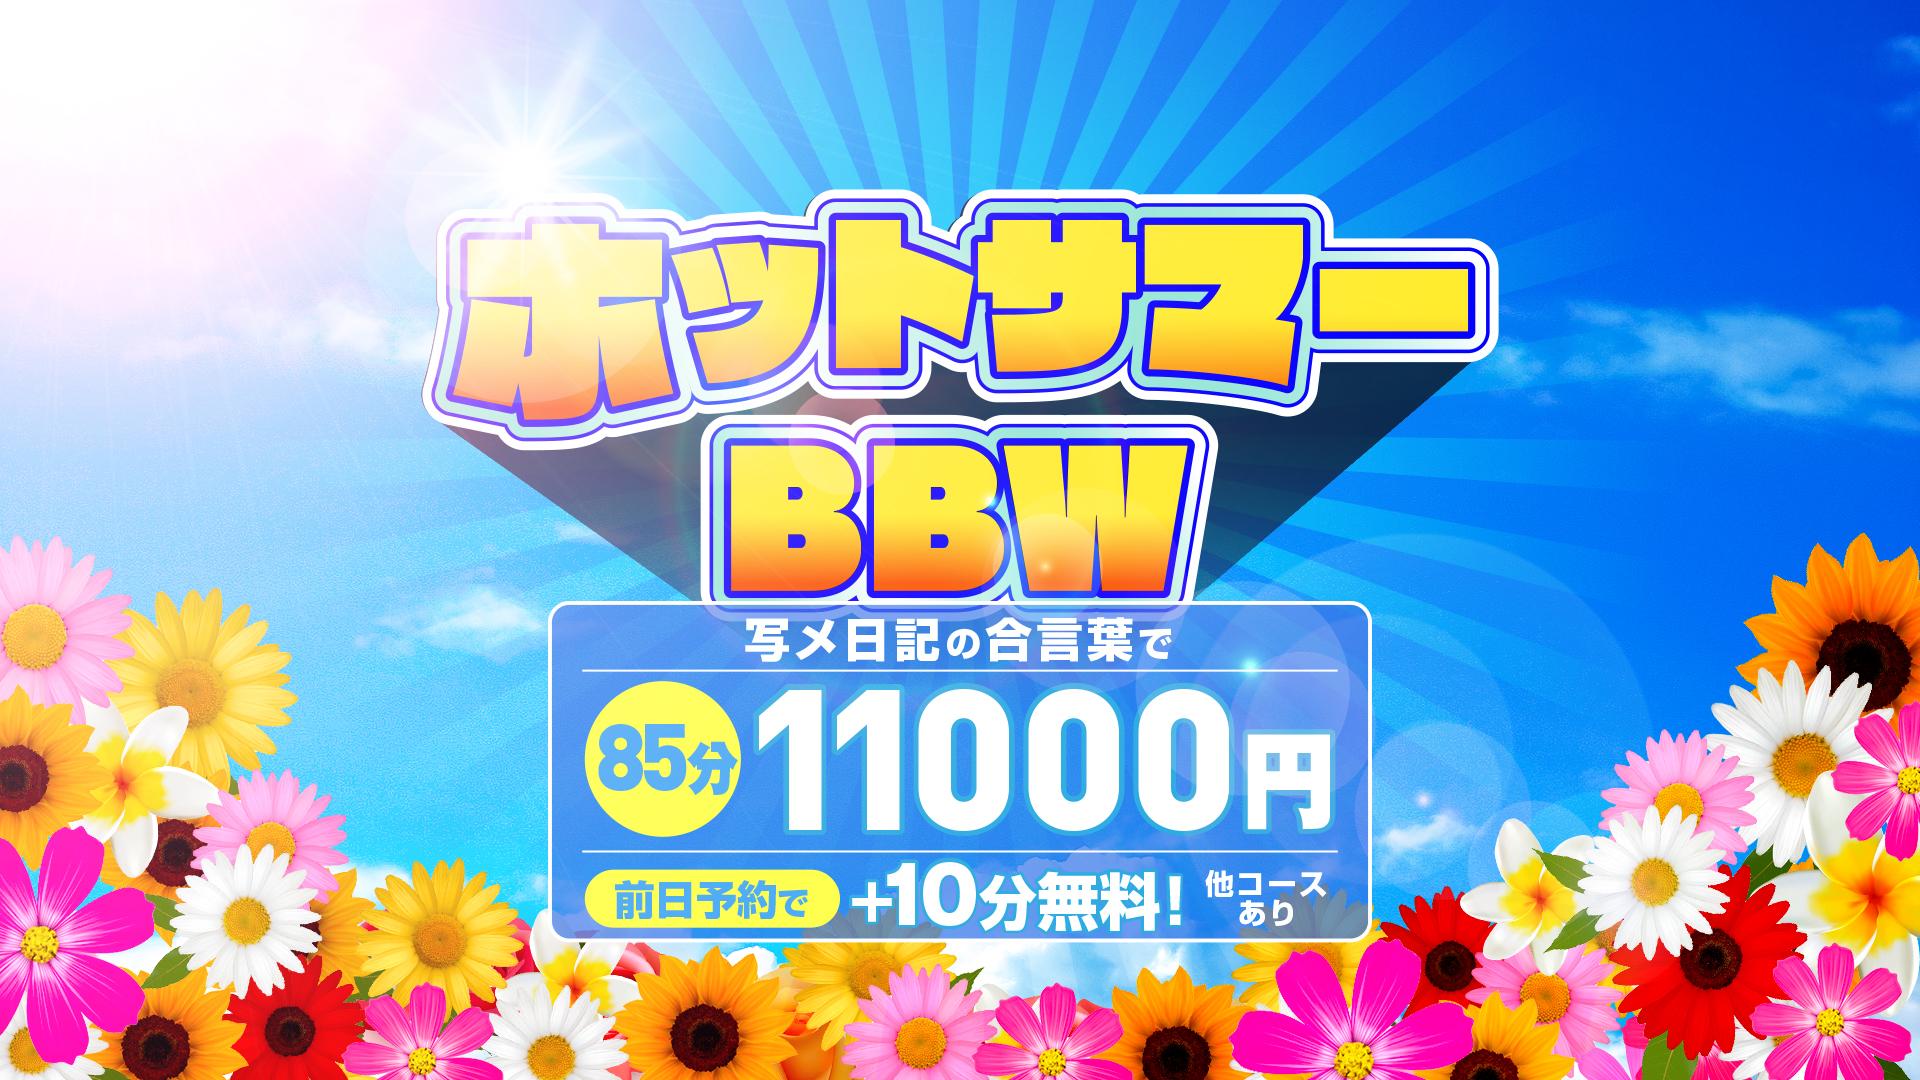 五反田ぽっちゃり風俗 BBW